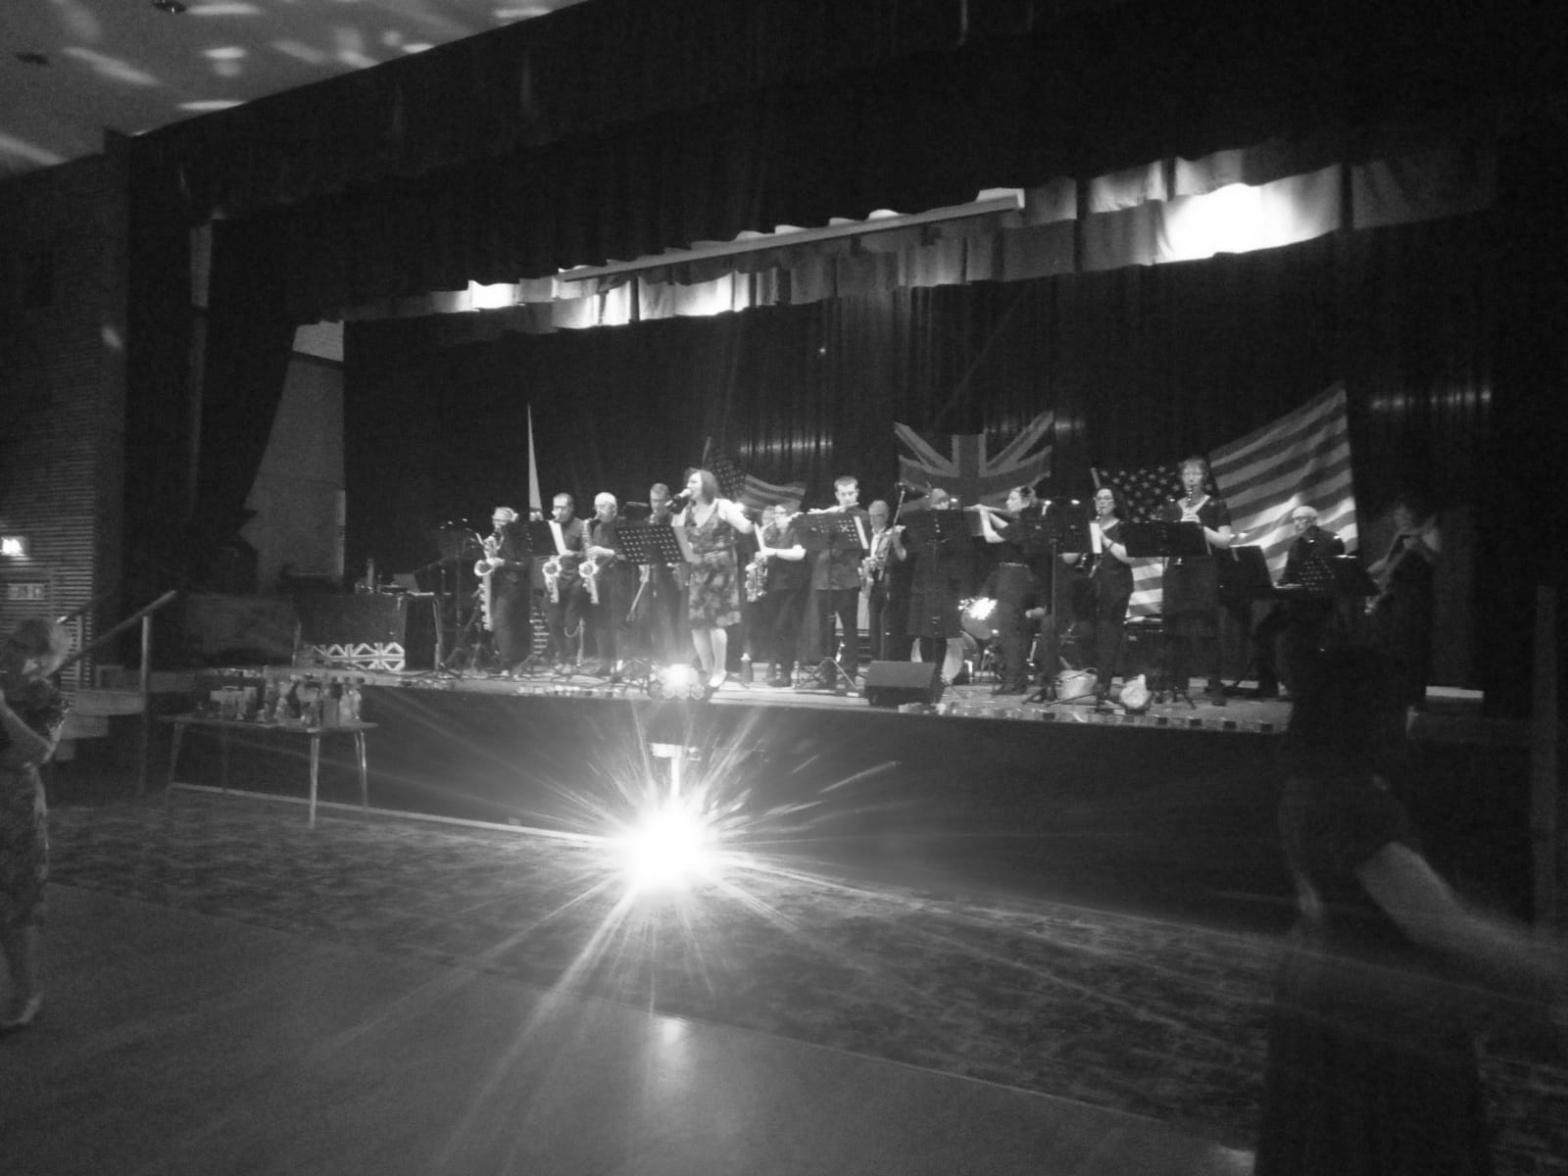 Guiseley Jazz band